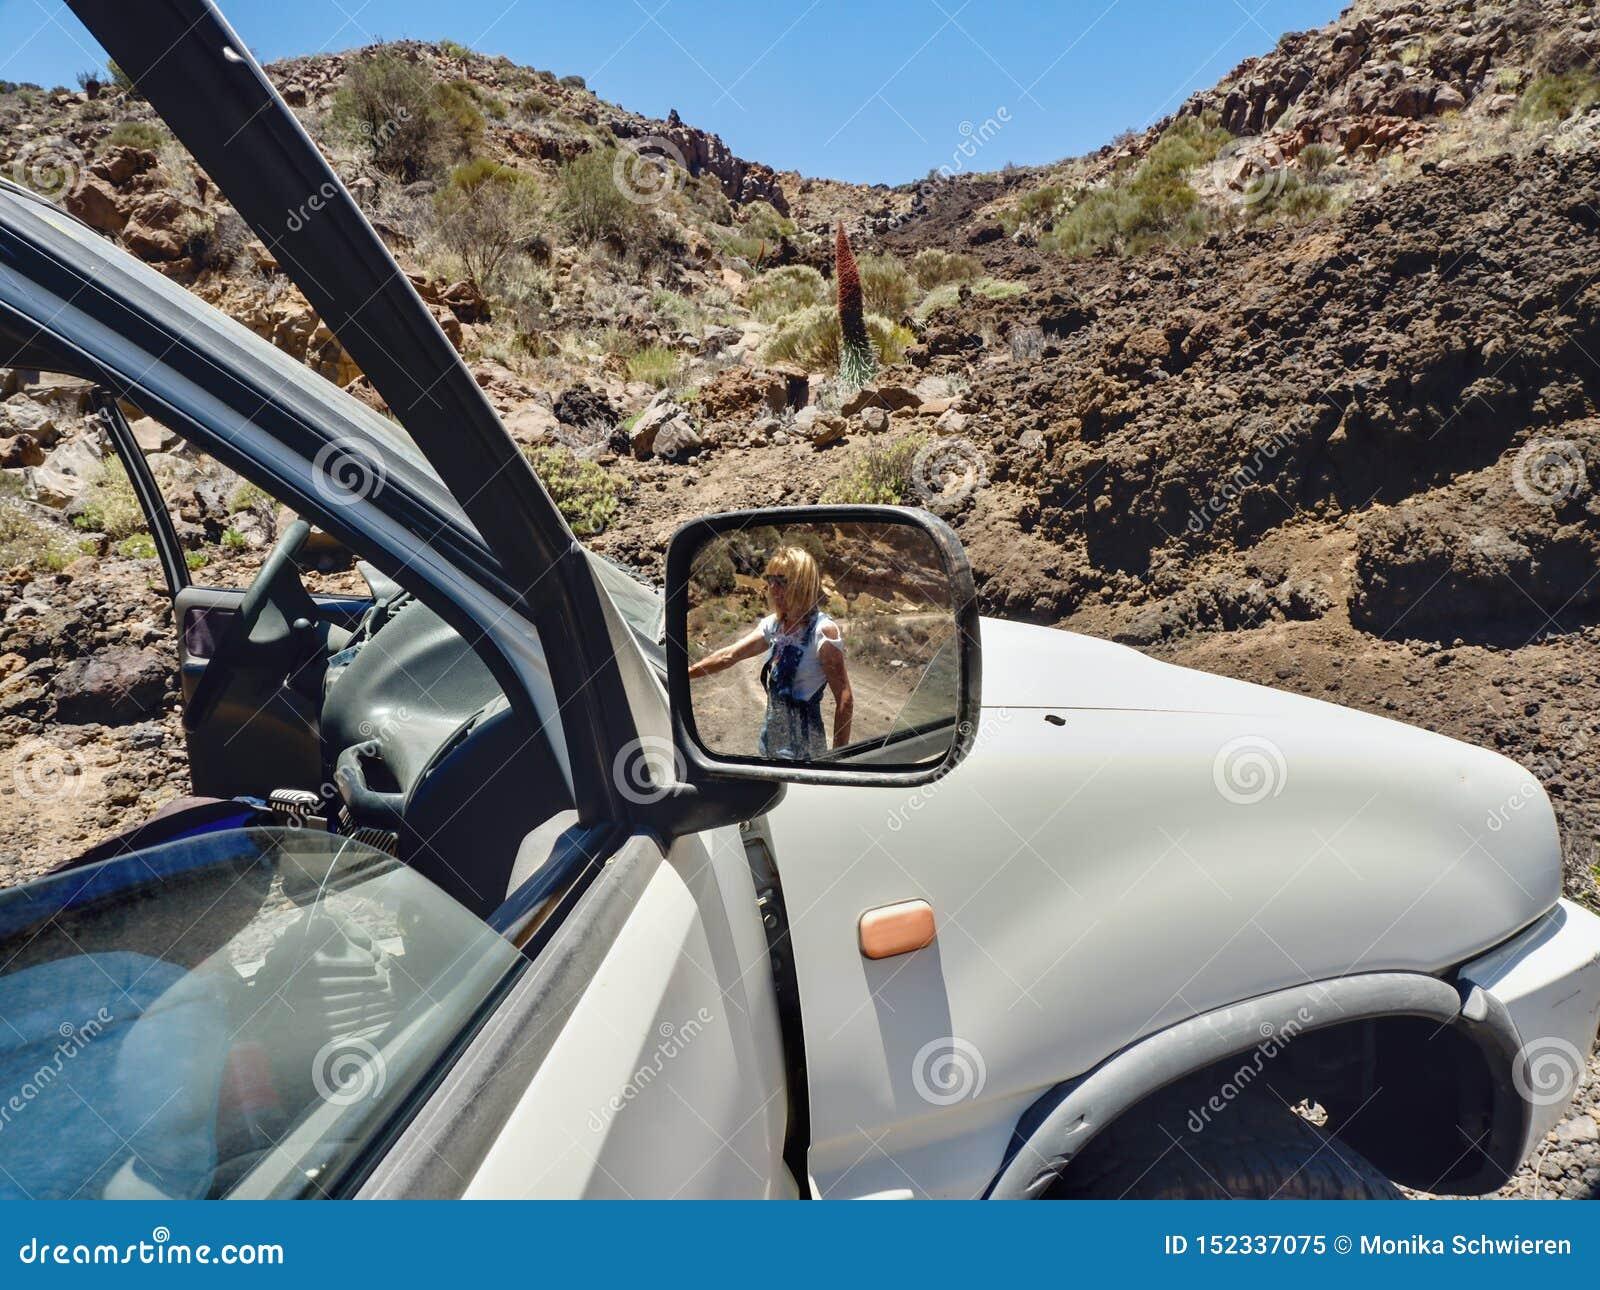 Den partiska sikten av en stor bil, i rätsidaspegeln är en kvinna som ser i bakgrunden den karga öknen